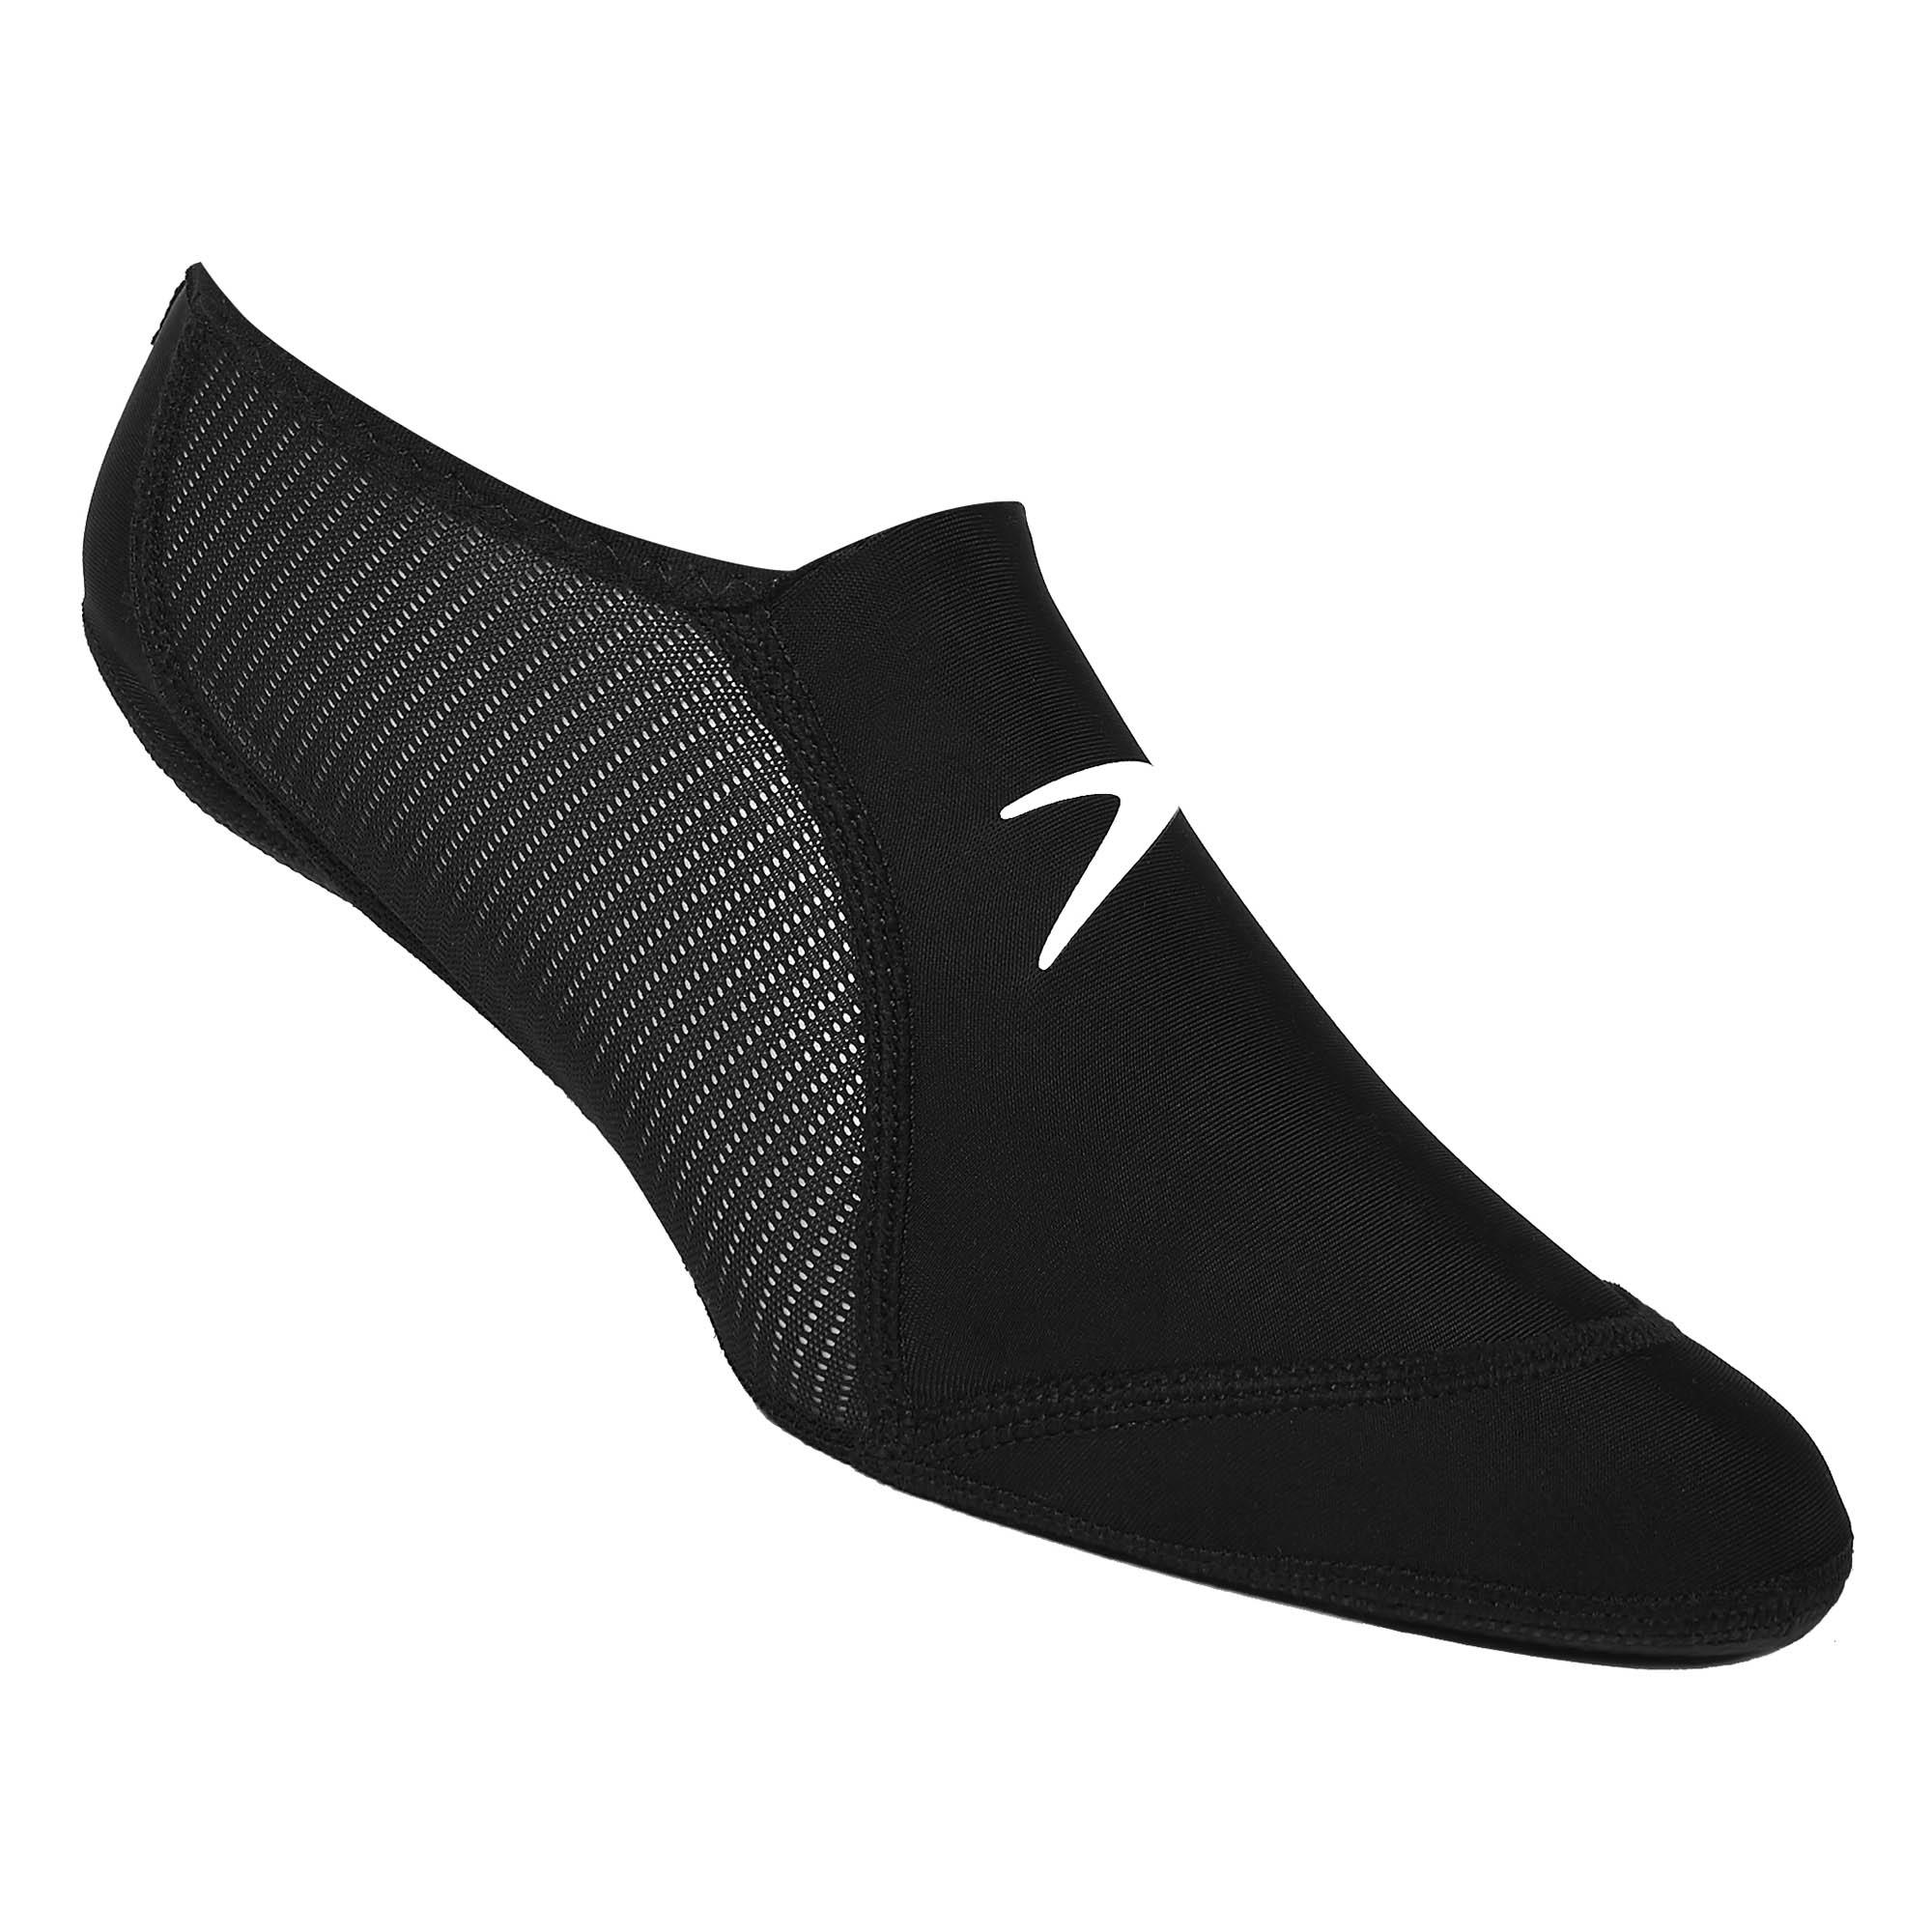 Speedo Ladies Pool Socks  14 UK